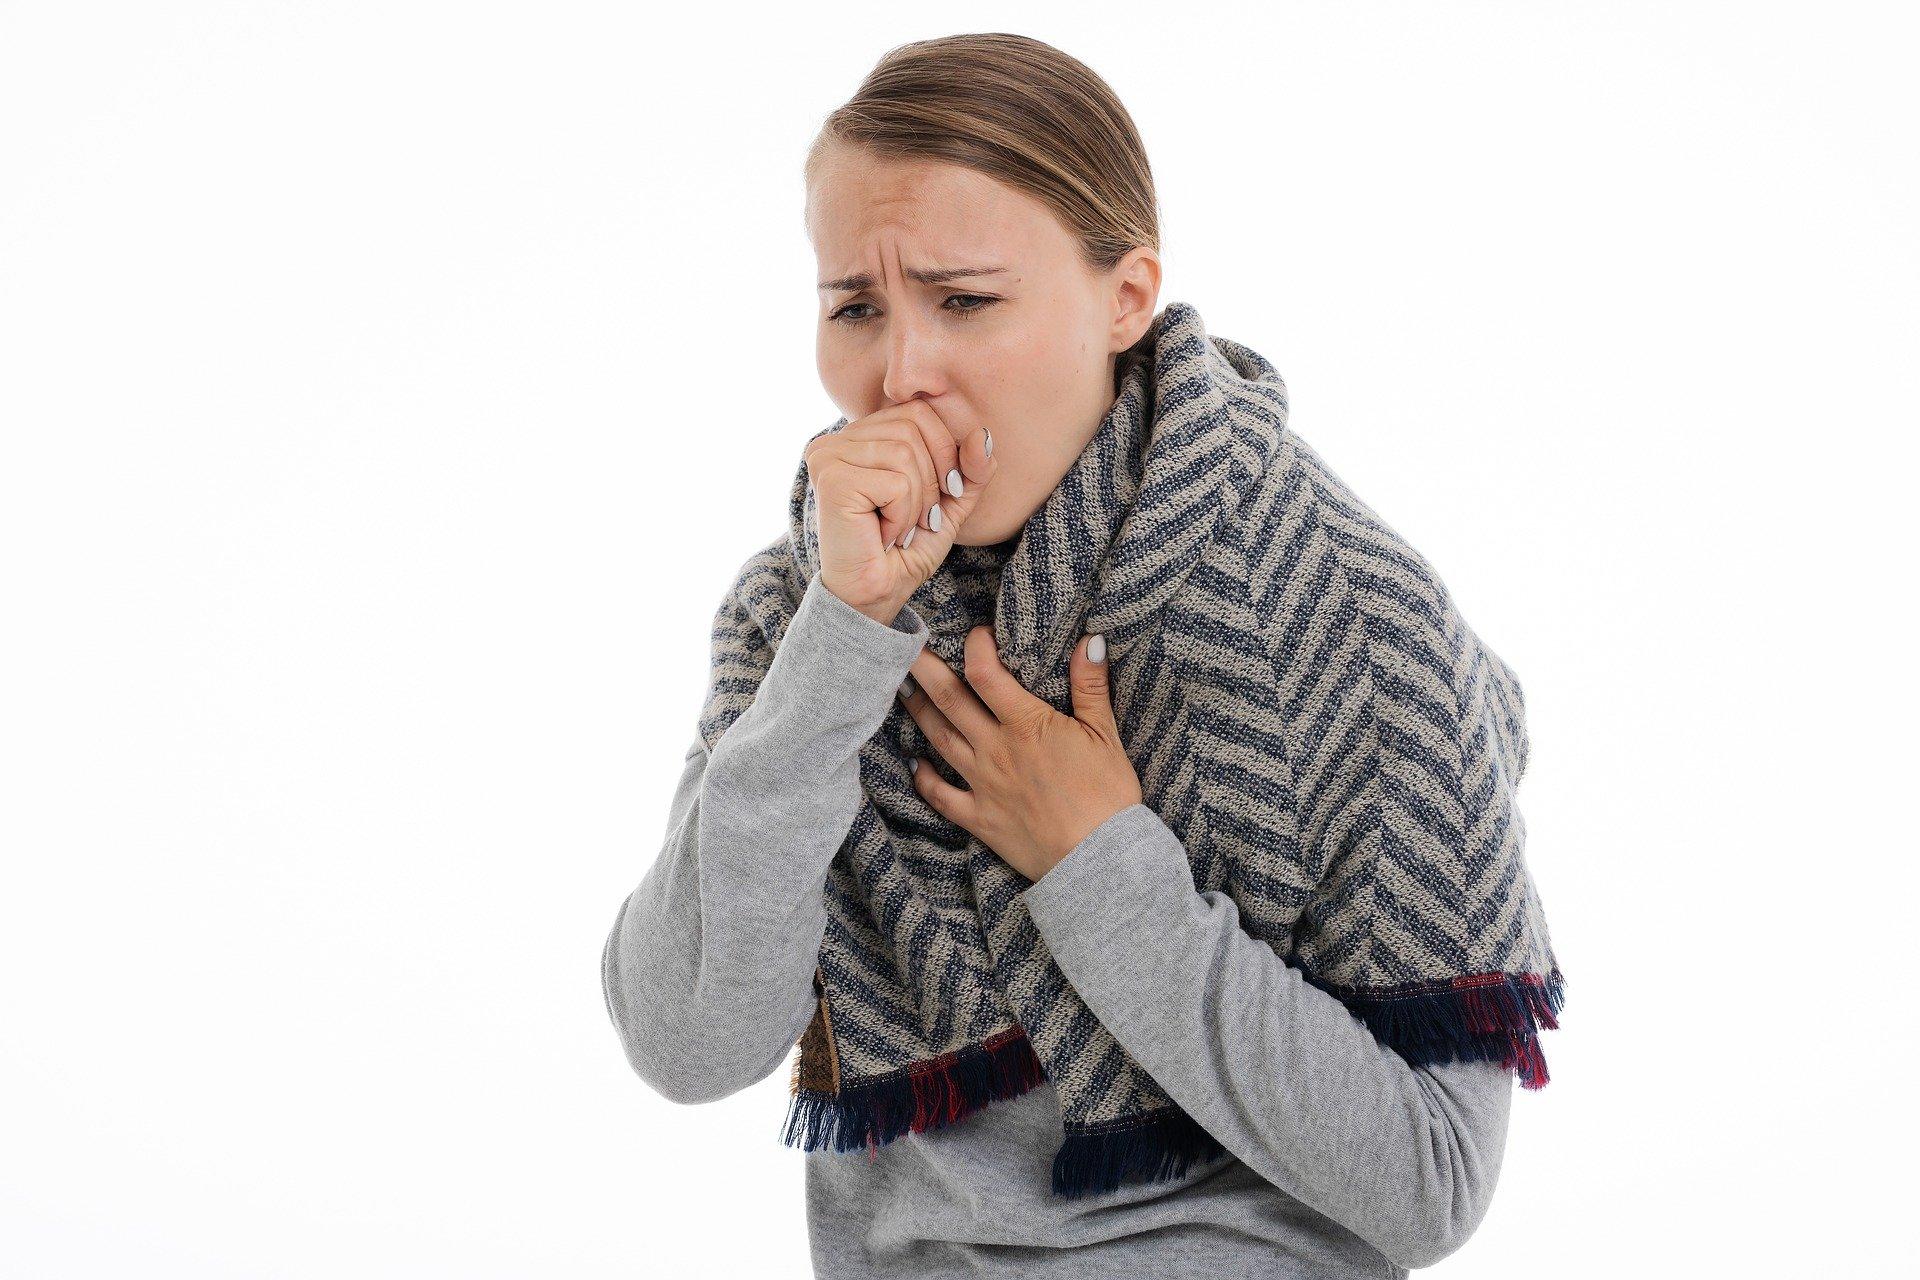 husten_krank_krankheit_erkrankung_lunge_lungenentzündung